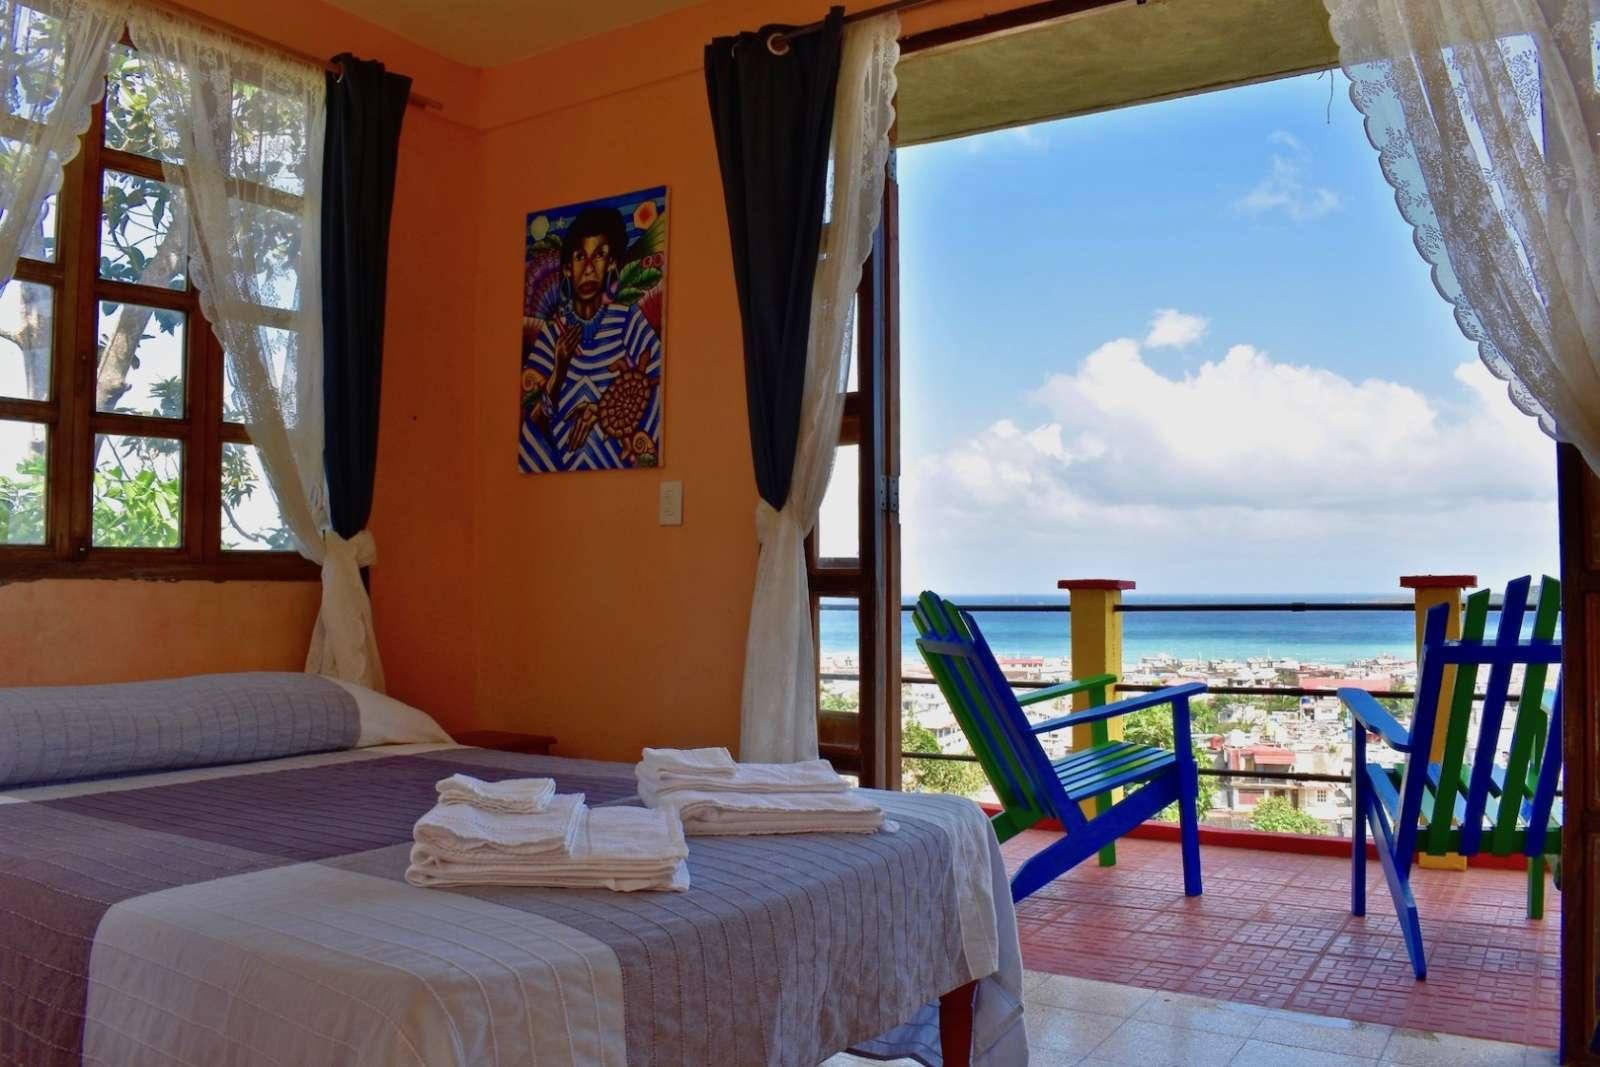 Accommodation in Baracoa